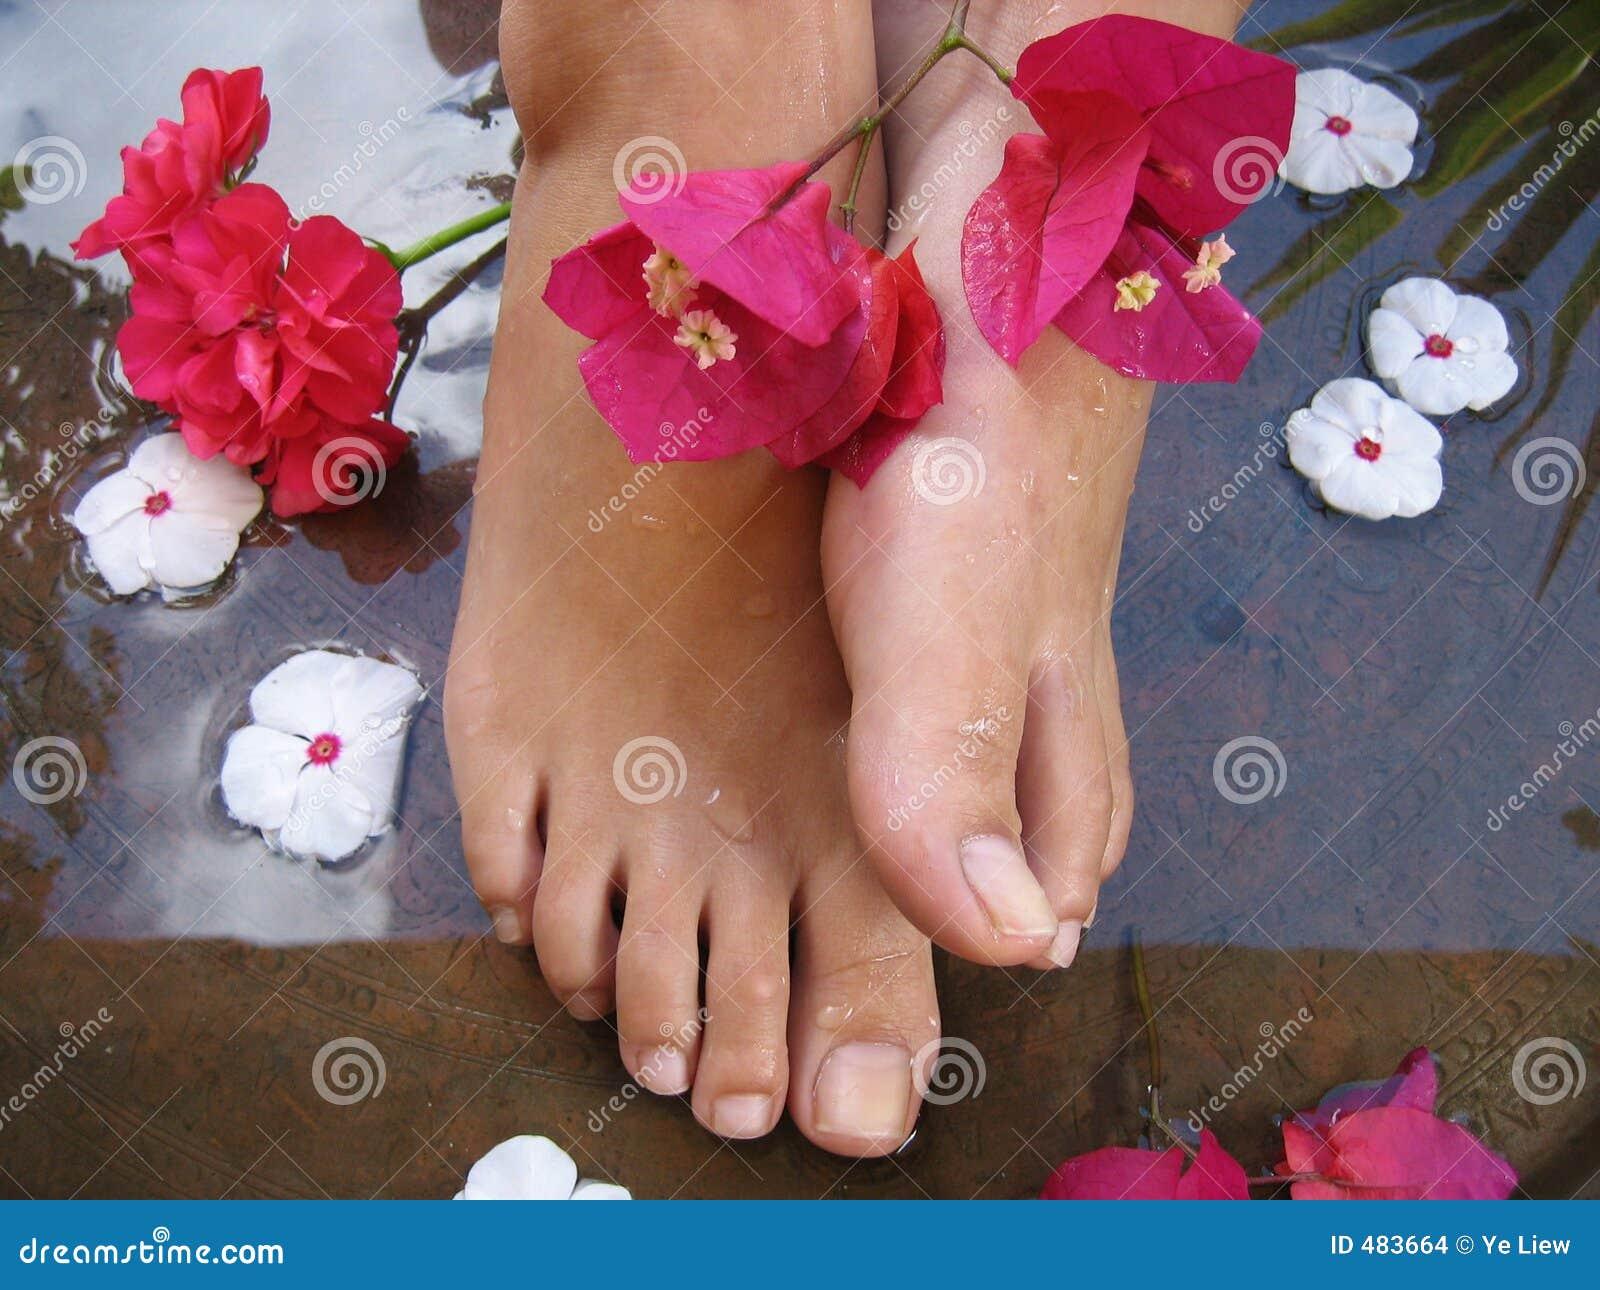 Фото женские пальцы ног 24 фотография